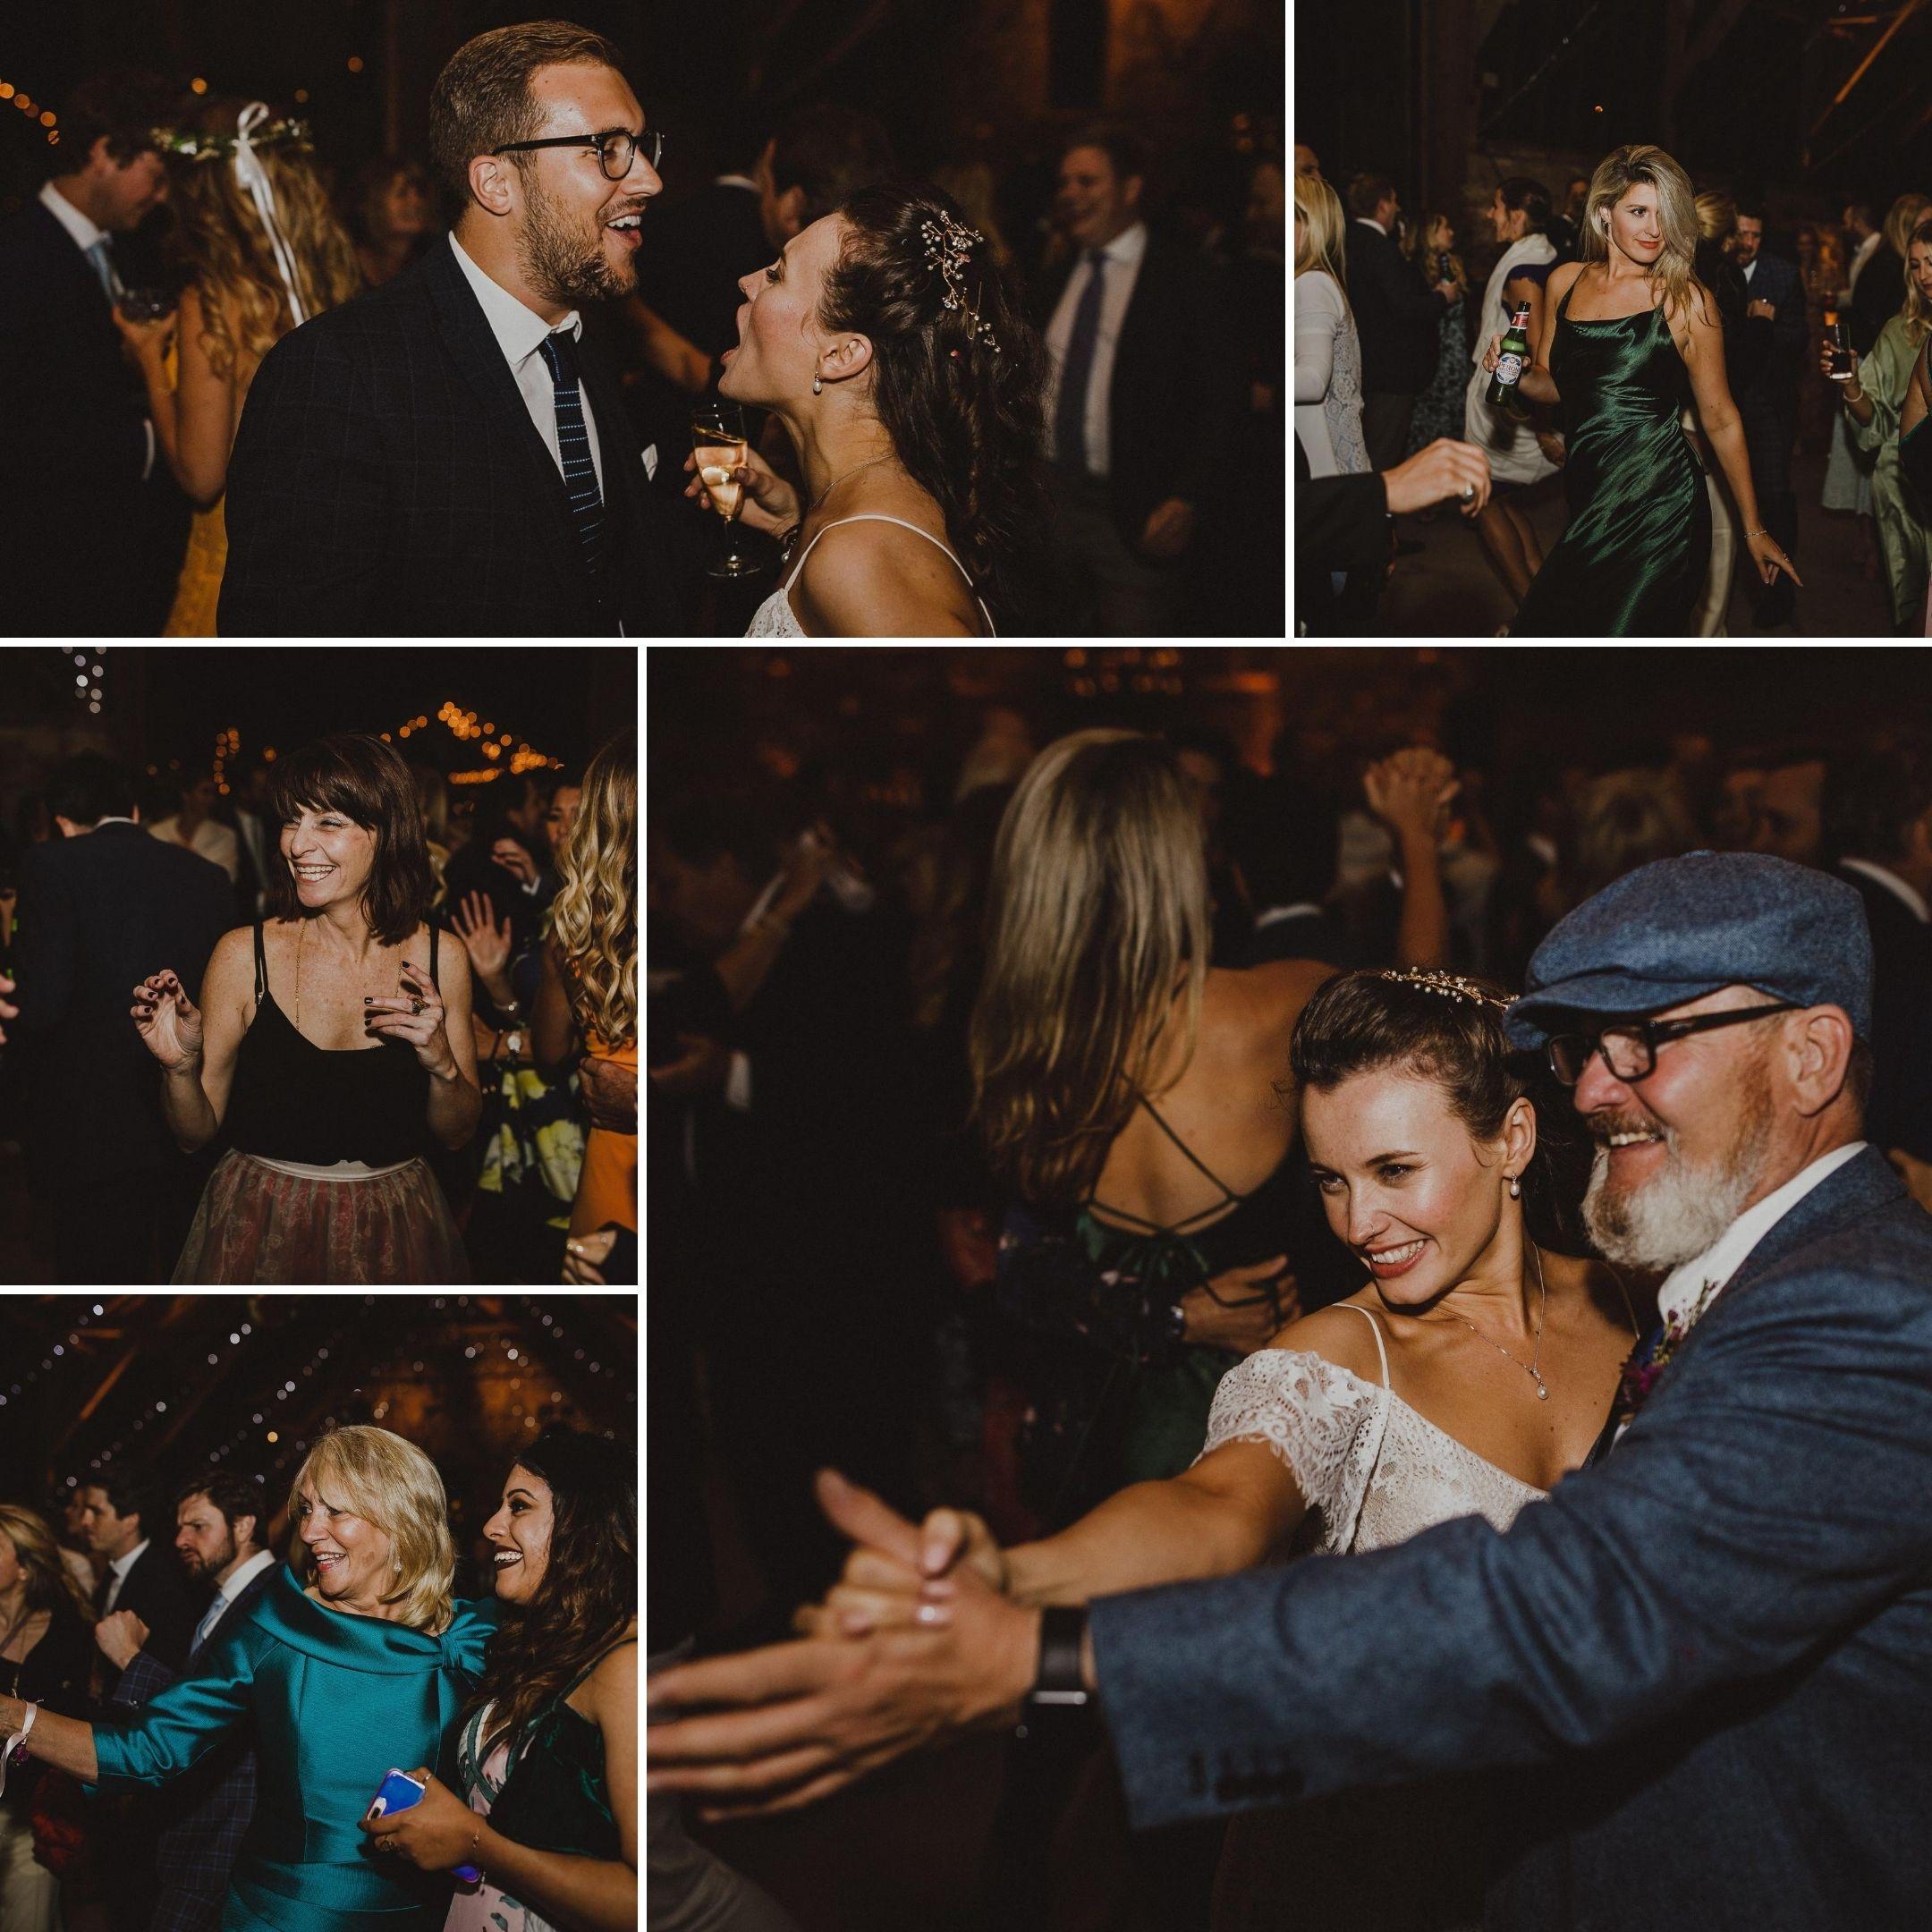 Wedding Dance Floor Tasha and Tom